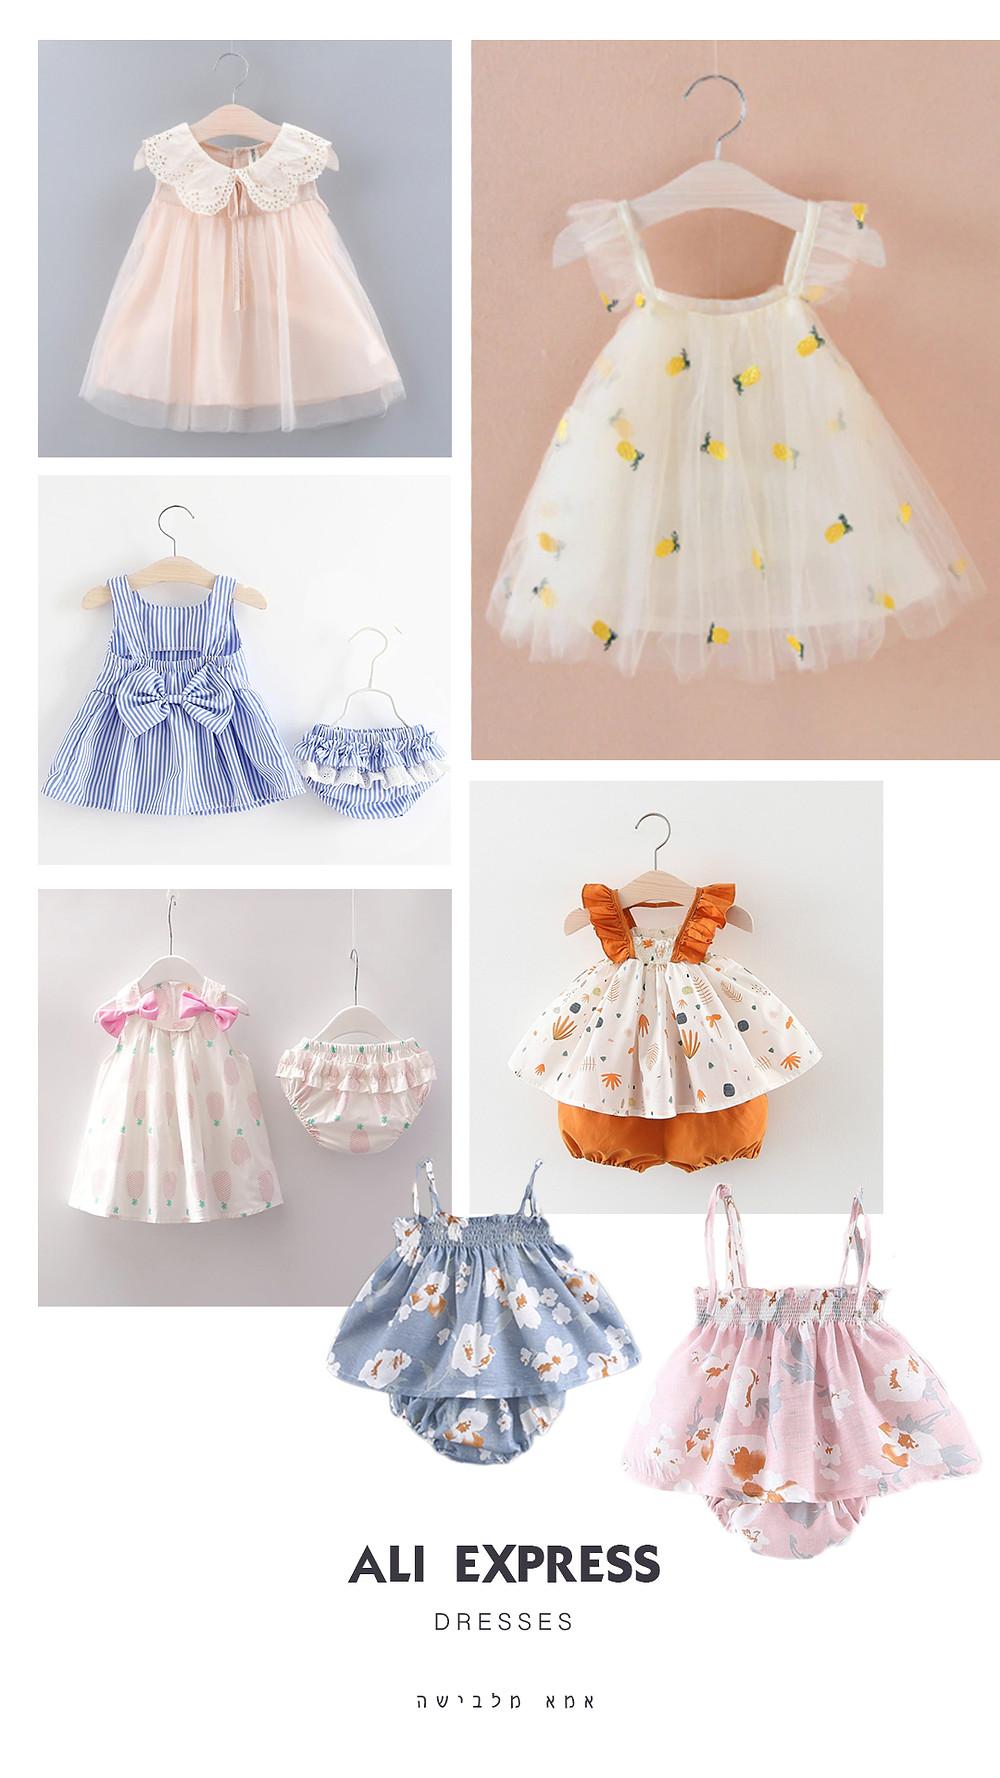 בגדי תינוקות וילדים עלי אקספרס אמא מלבישה